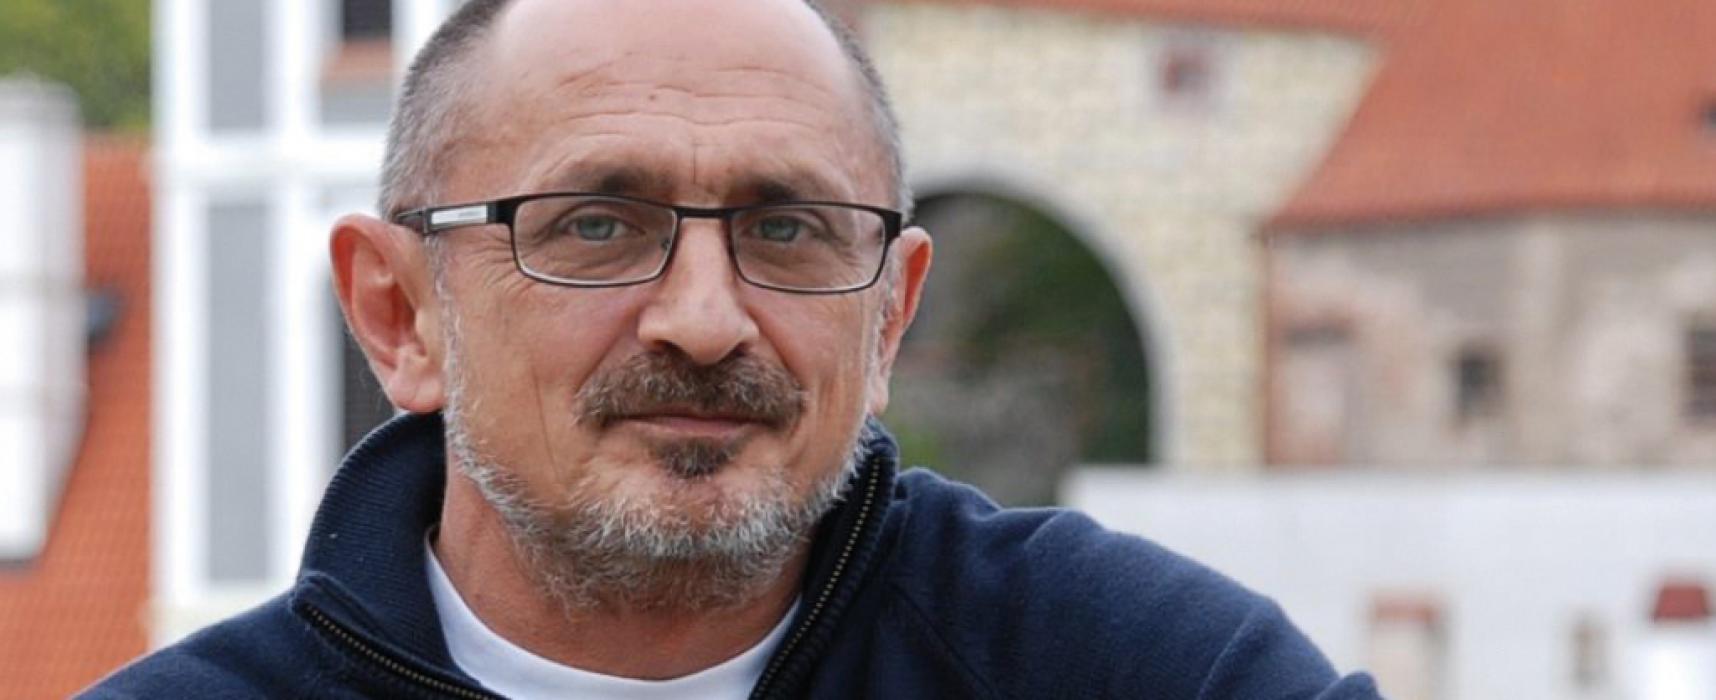 «Они убеждены, что Россия должна следовать партизанской тактике»